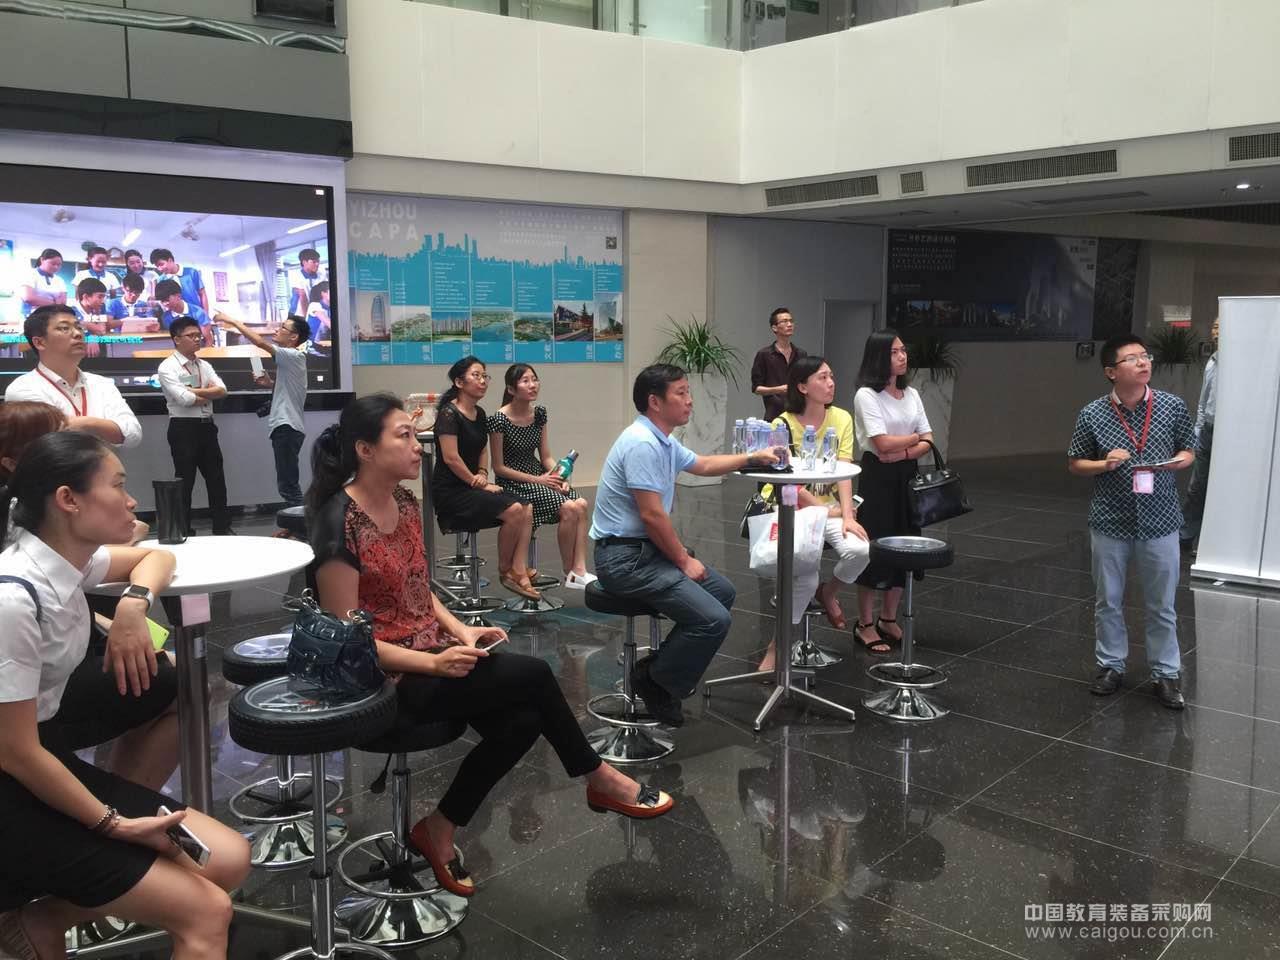 广东科学技术职业学院与珠海技师学院考察国泰